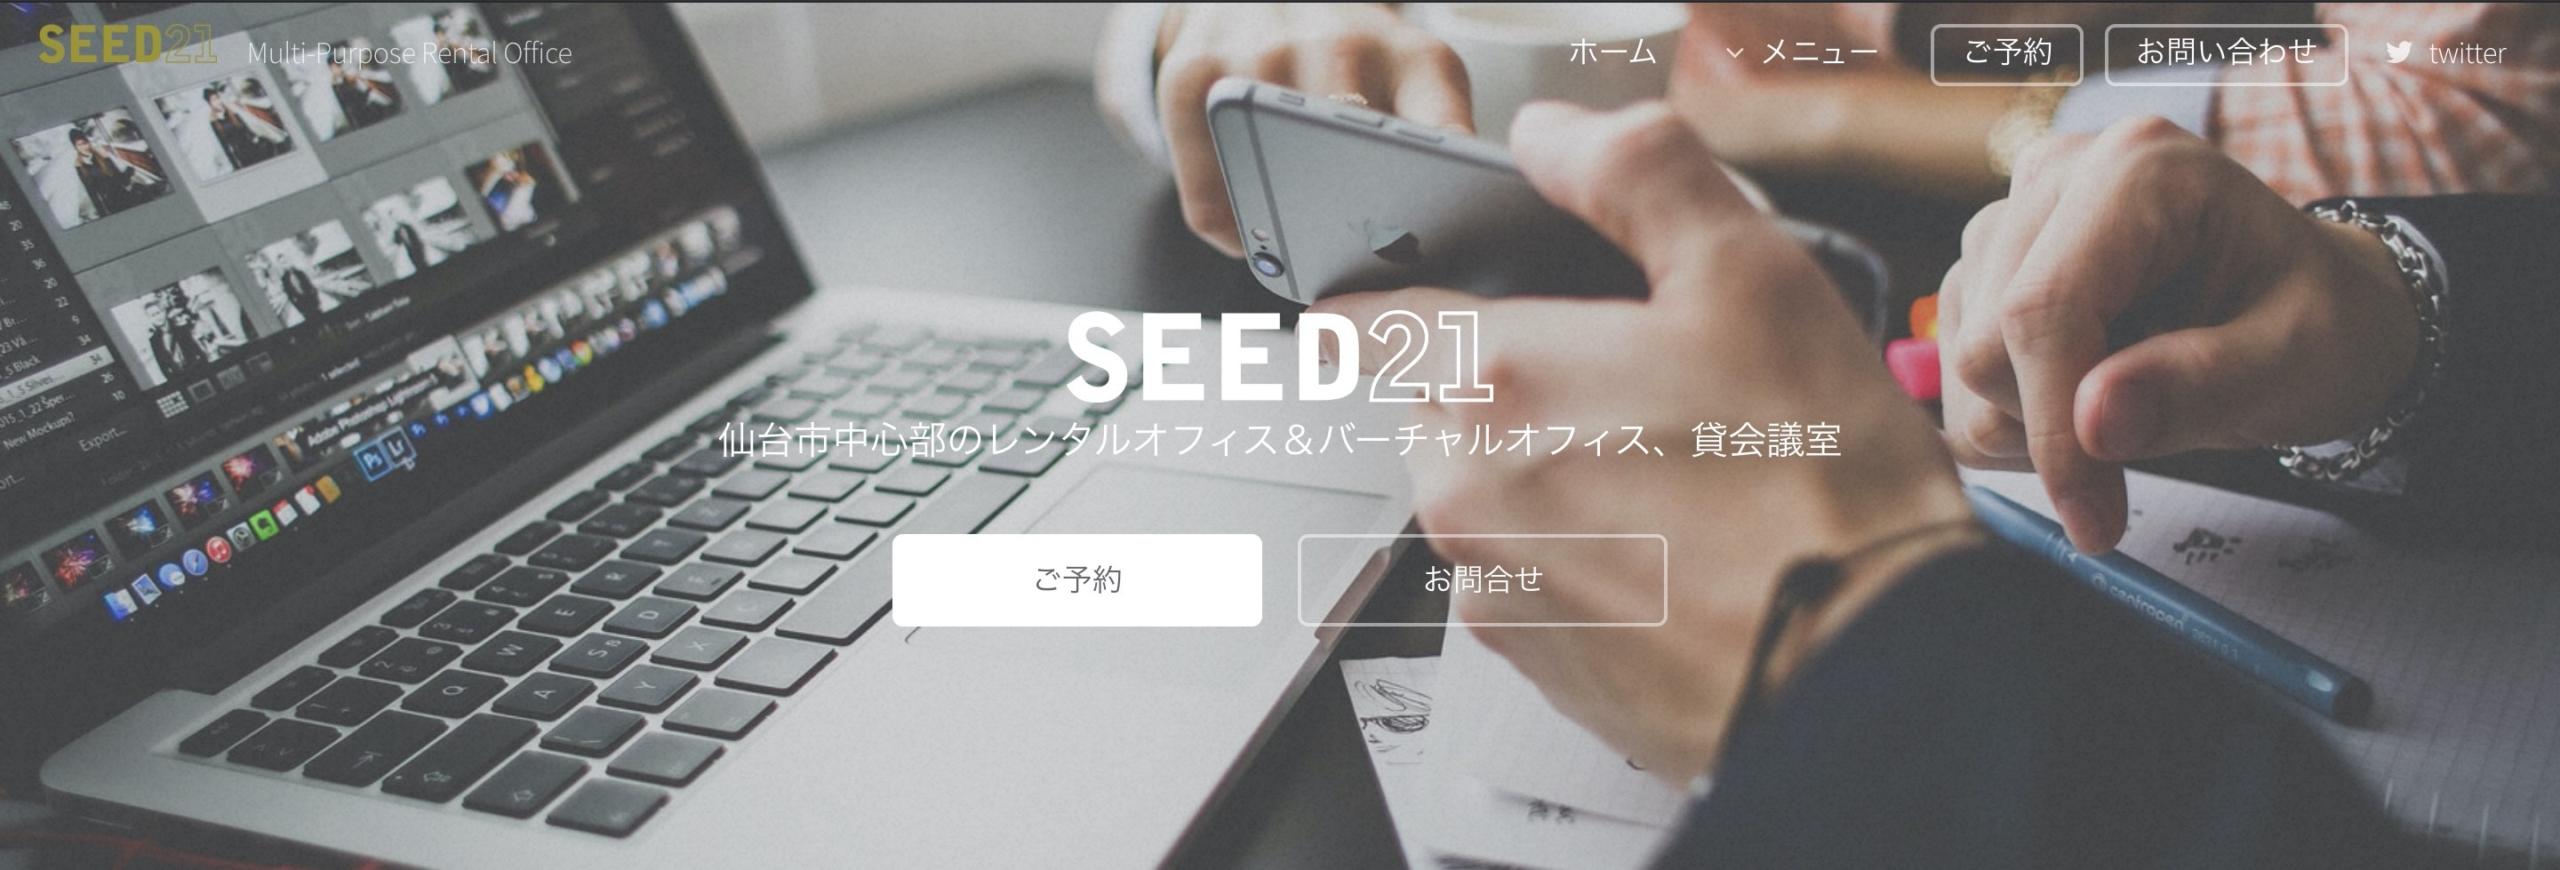 スクリーンショット 2020-03-10 16.14.43